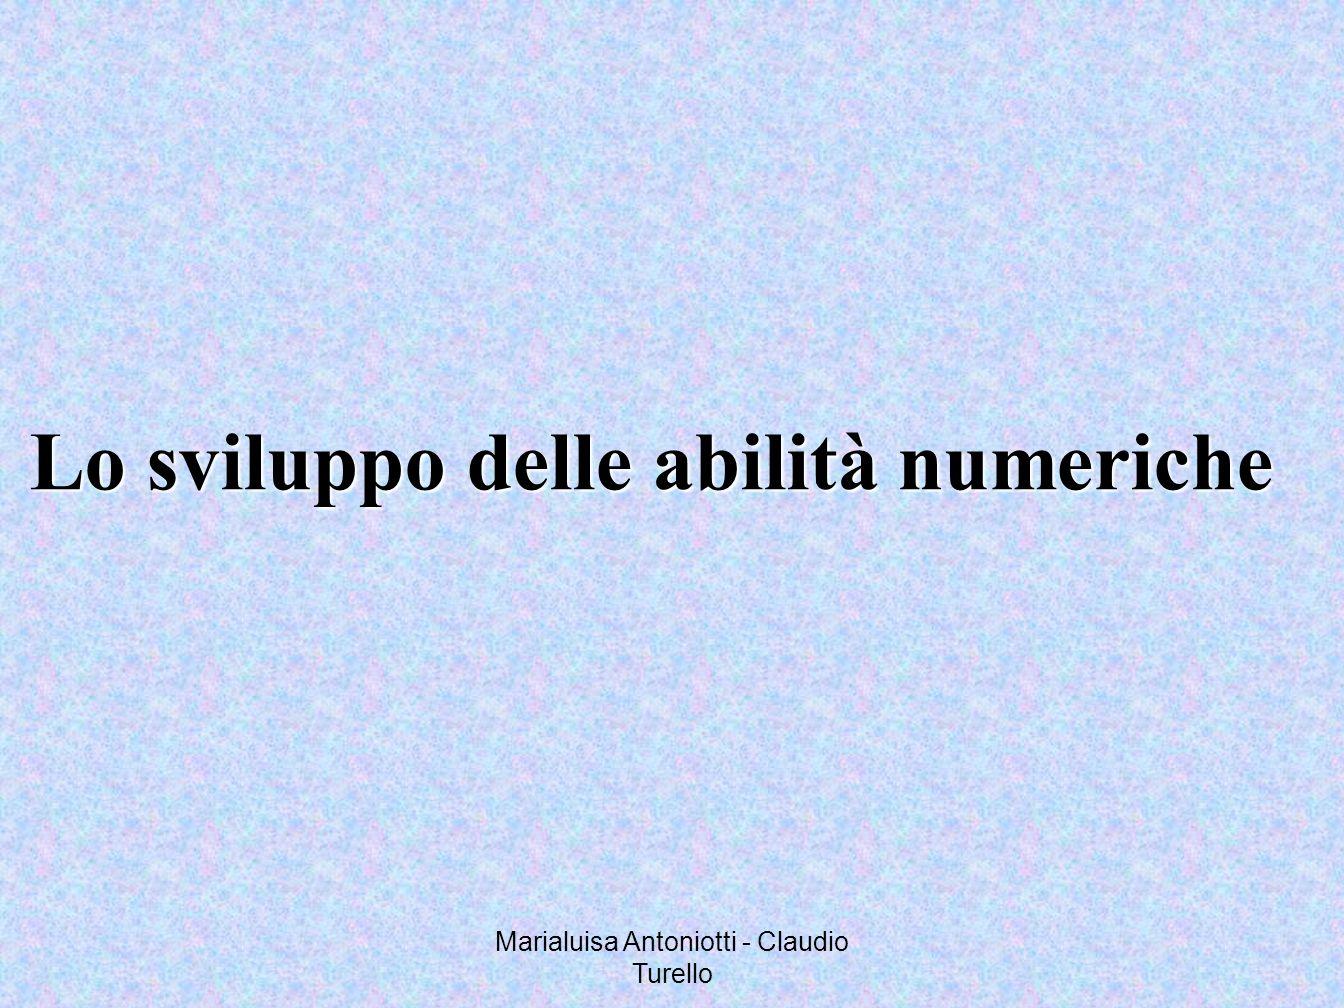 Marialuisa Antoniotti - Claudio Turello Lo sviluppo delle abilità numeriche